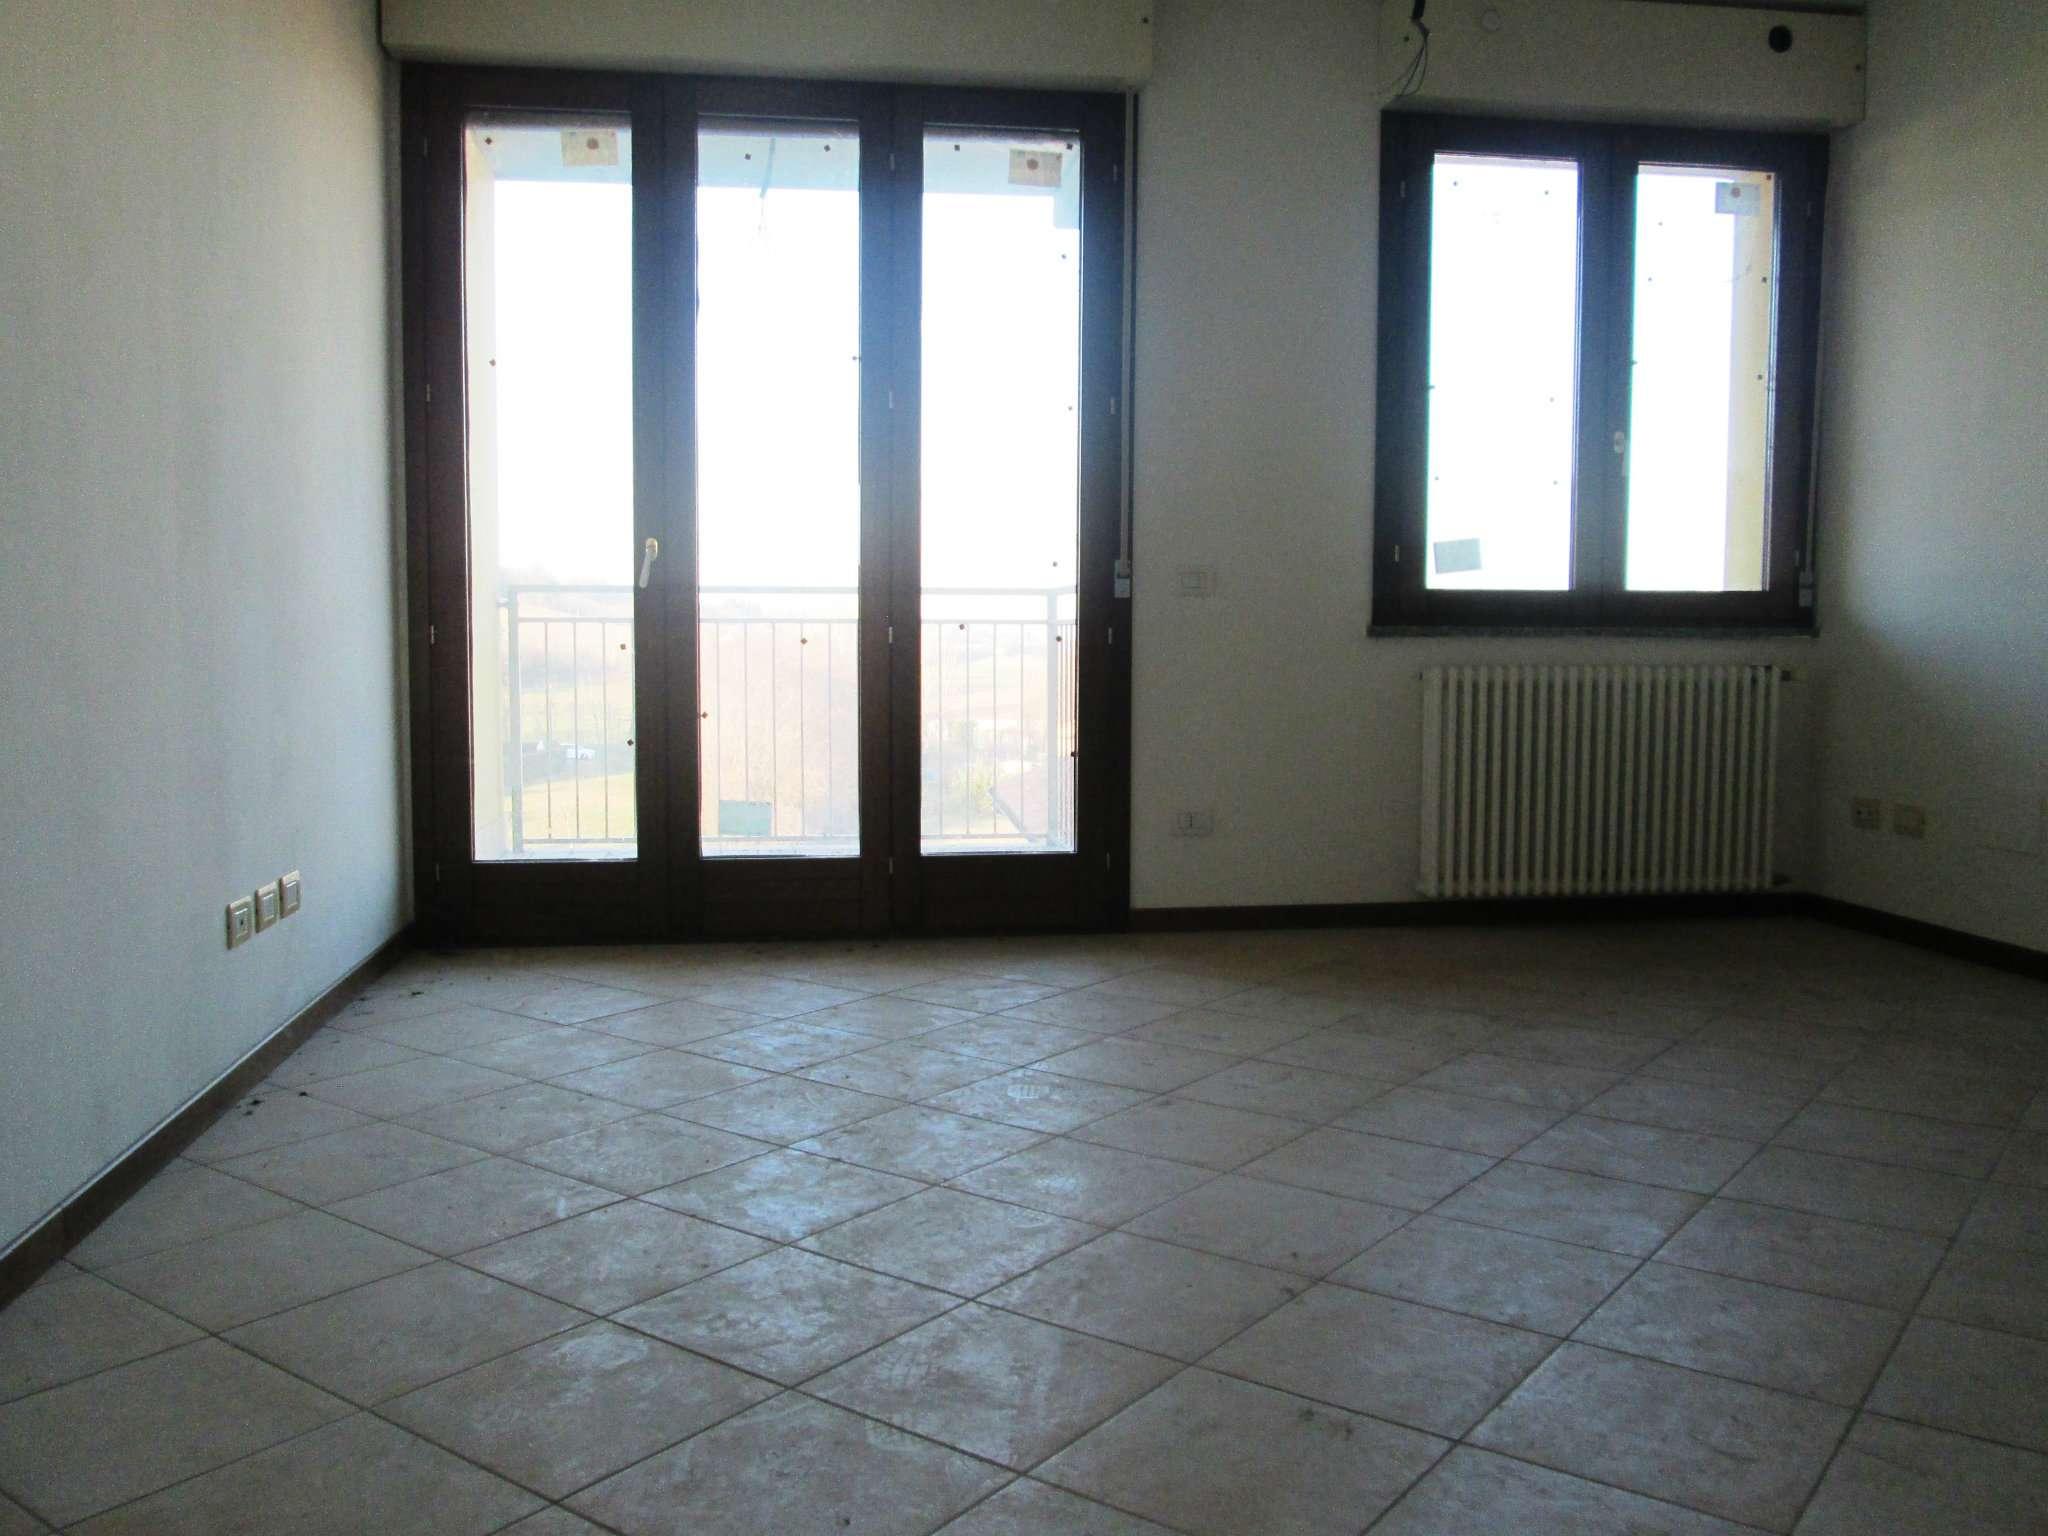 Appartamento in vendita a Medesano, 3 locali, prezzo € 100.000 | Cambio Casa.it